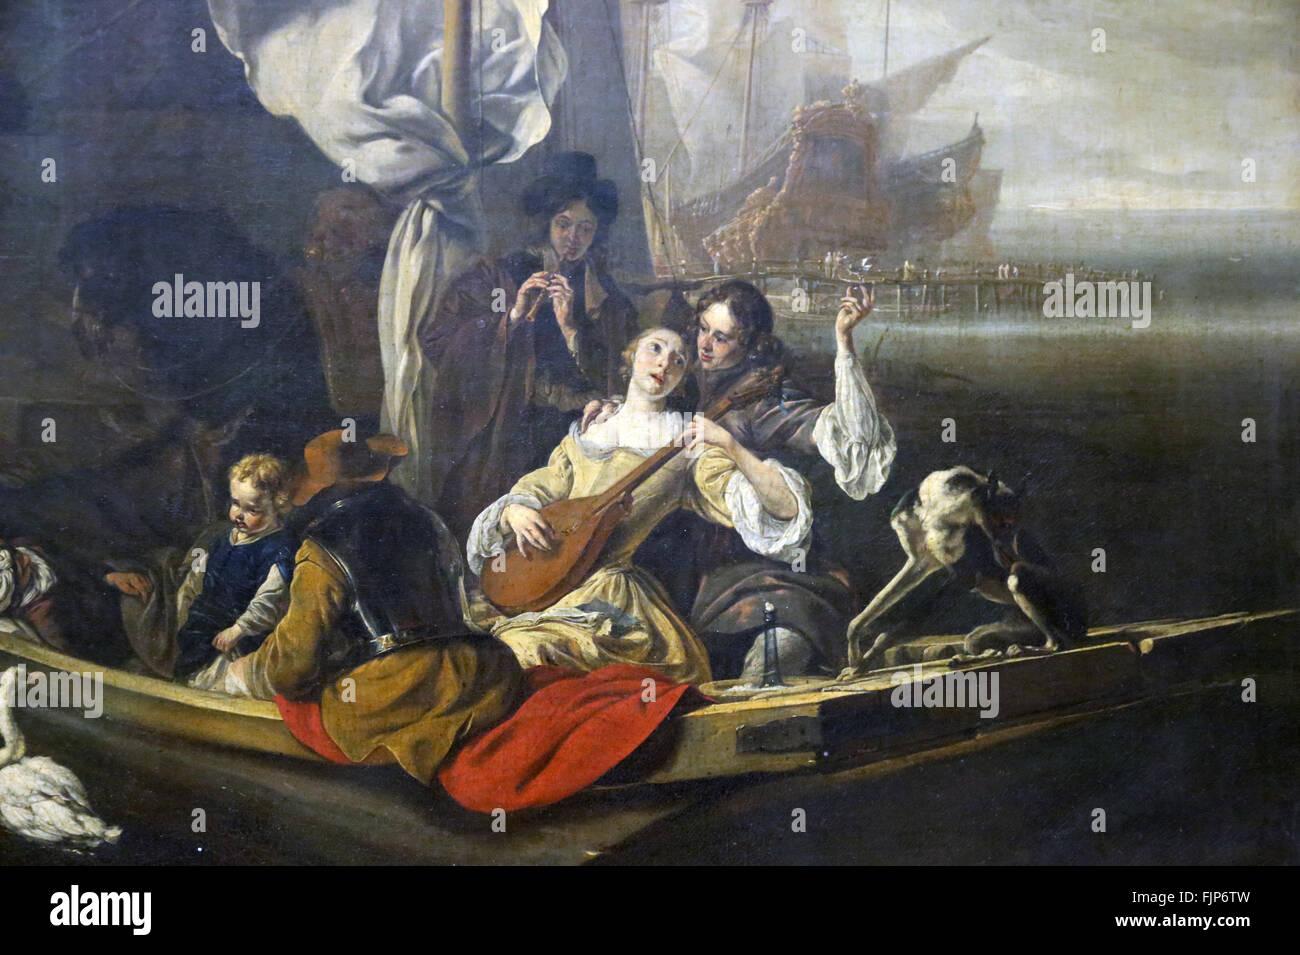 Jan Weenix (1640-1719). Pittore olandese. Carattere di fantasia in una barca, 1666. Il museo del Louvre. Parigi. Immagini Stock